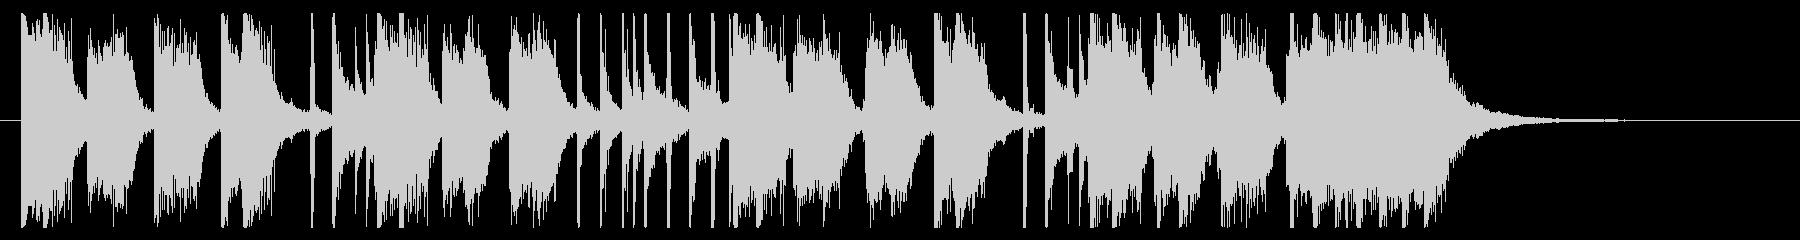 勢いのあるパンクロック調ジングルの未再生の波形